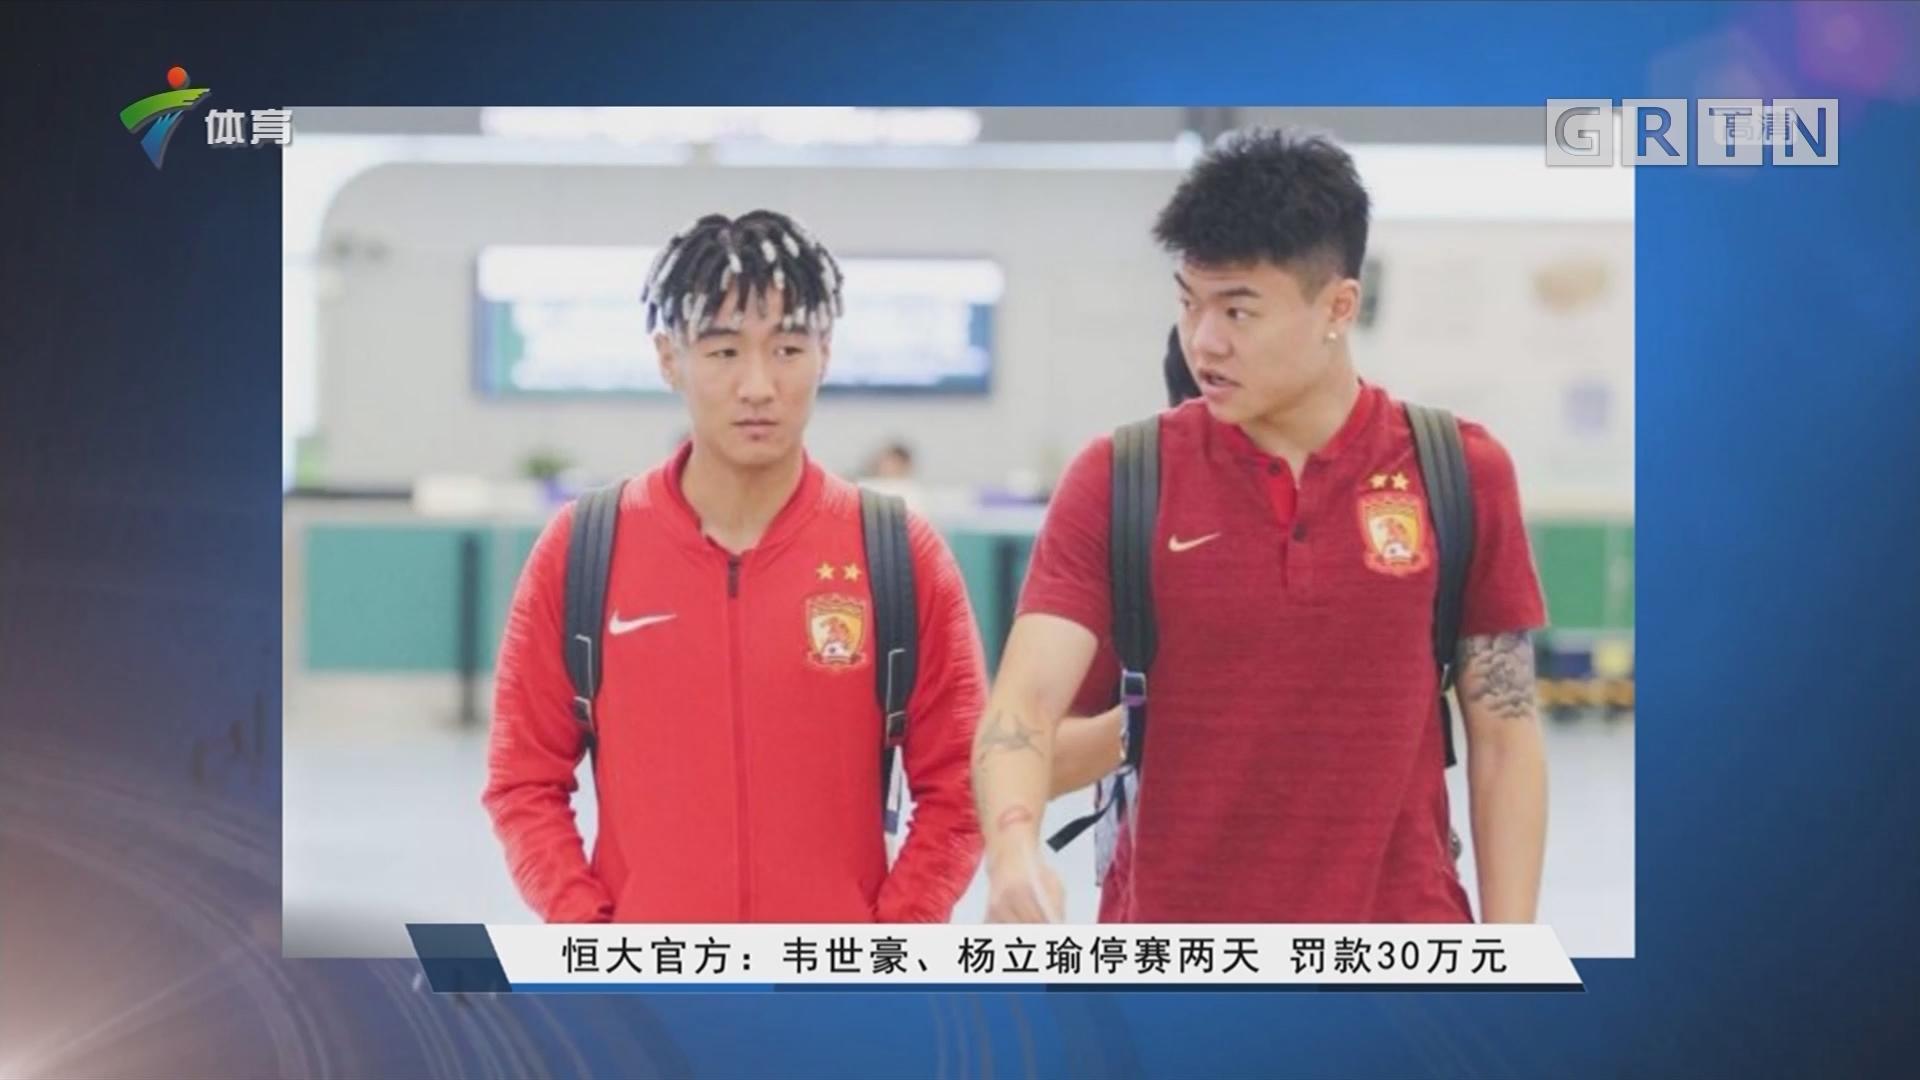 恒大官方:韦世豪、杨立瑜停赛两天 罚款30万元